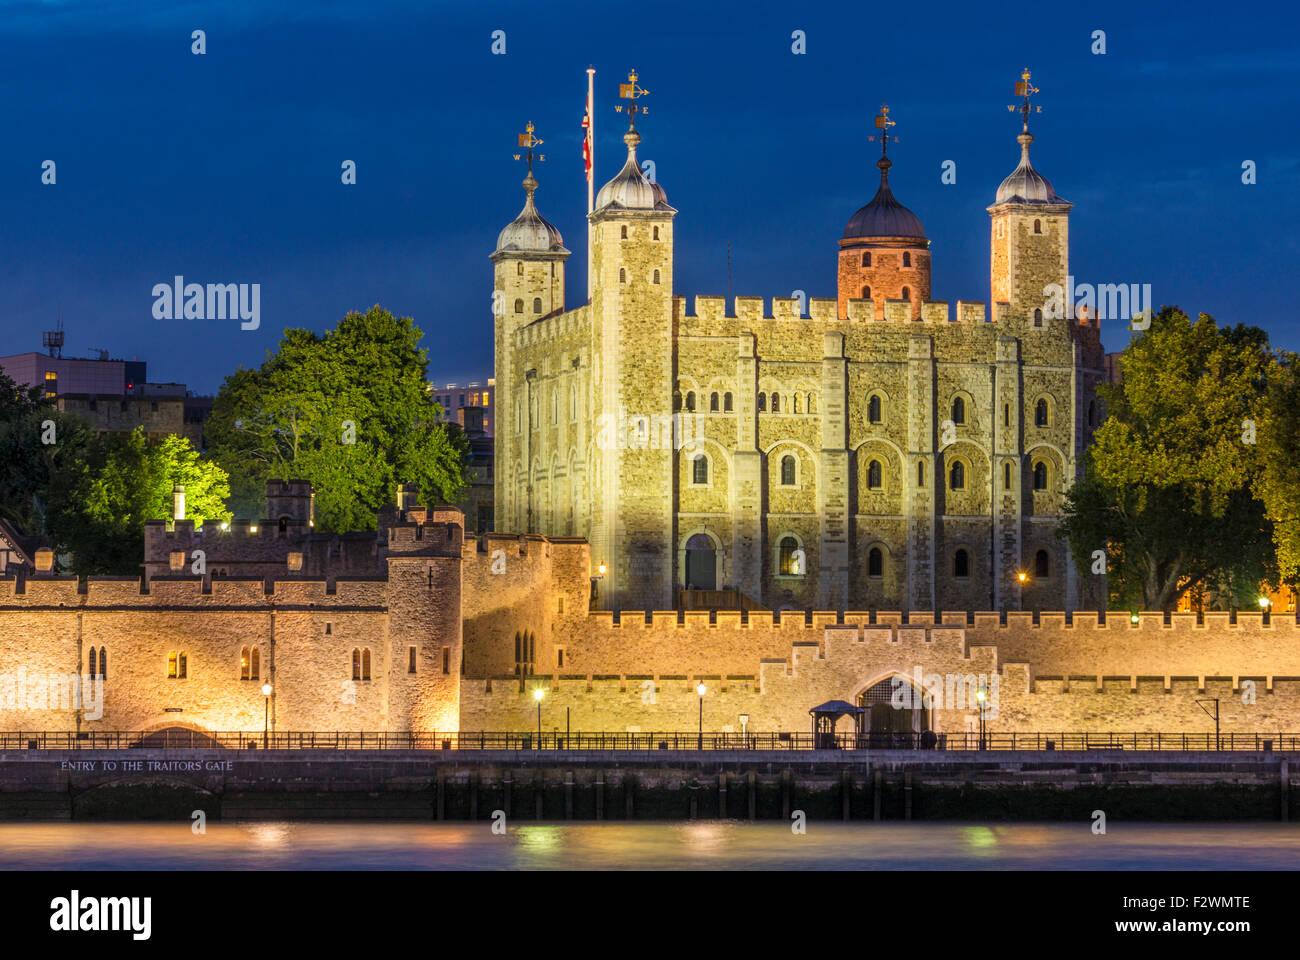 Der weiße Turm und Mauern der Burg Tower von London bei Nacht Stadt London, England GB UK EU Europa Stockbild